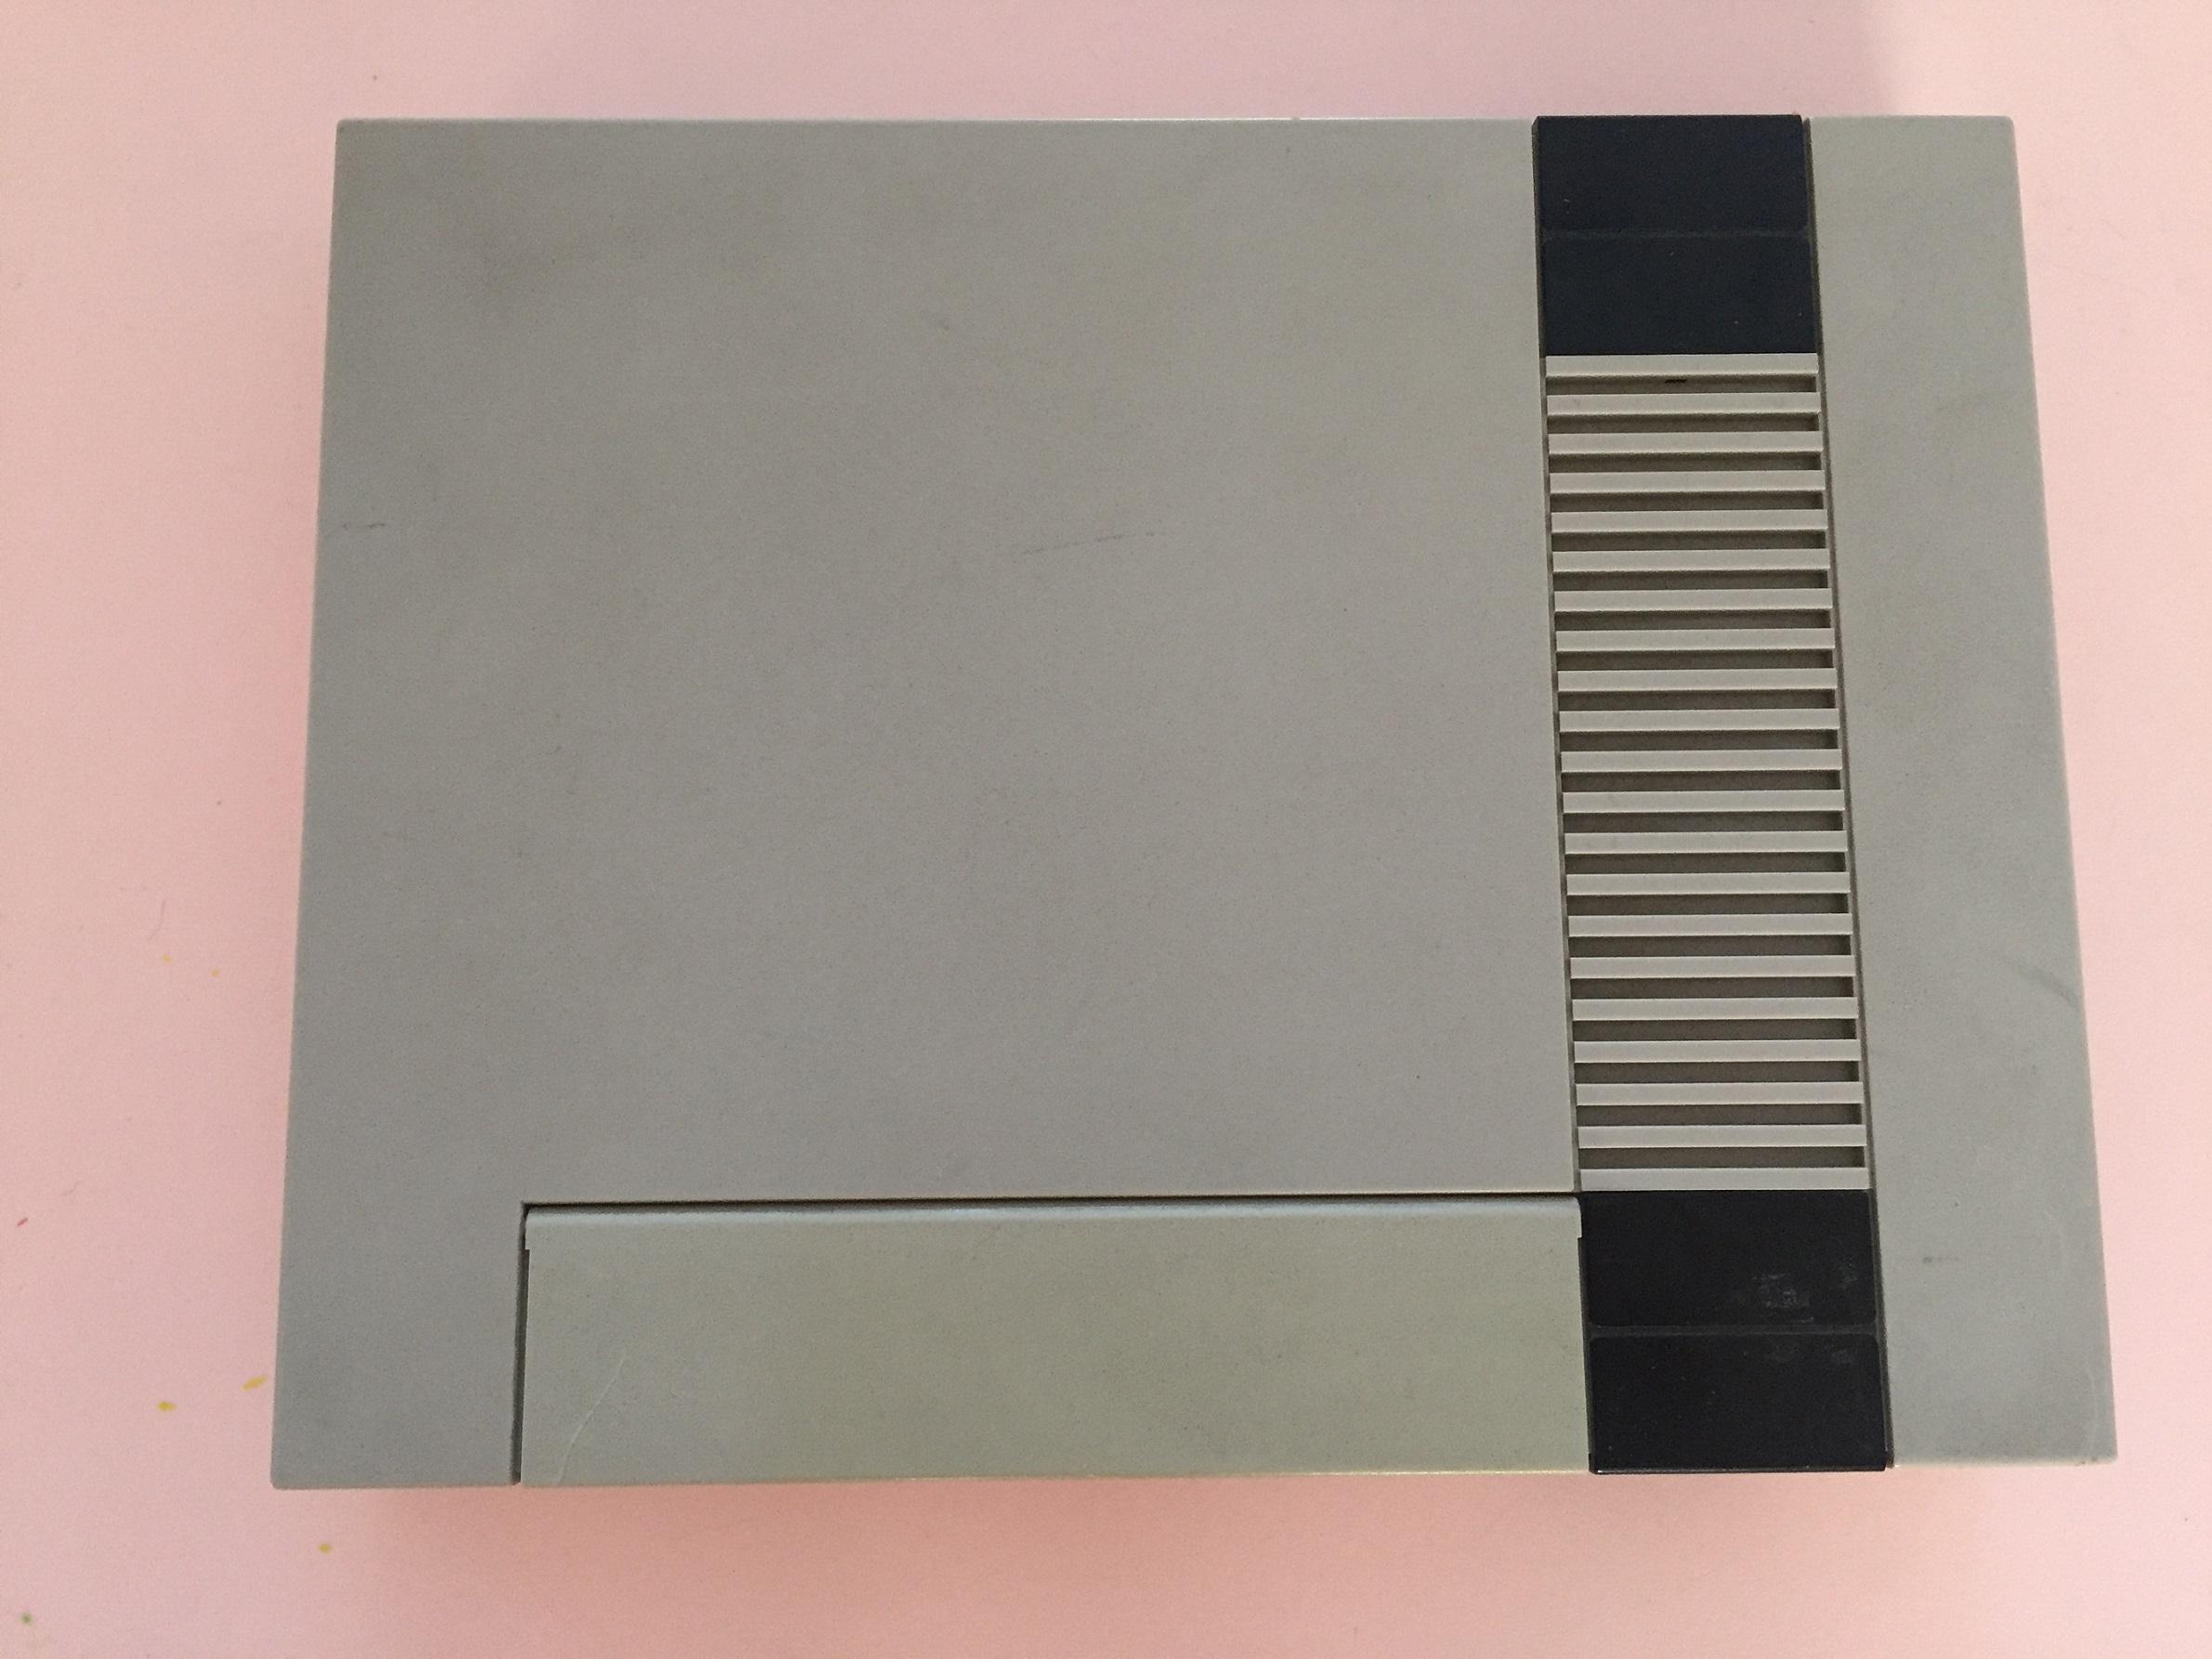 Plasturgie coque supérieur pièce détachée console de jeu nintendo nes nese-001 fra